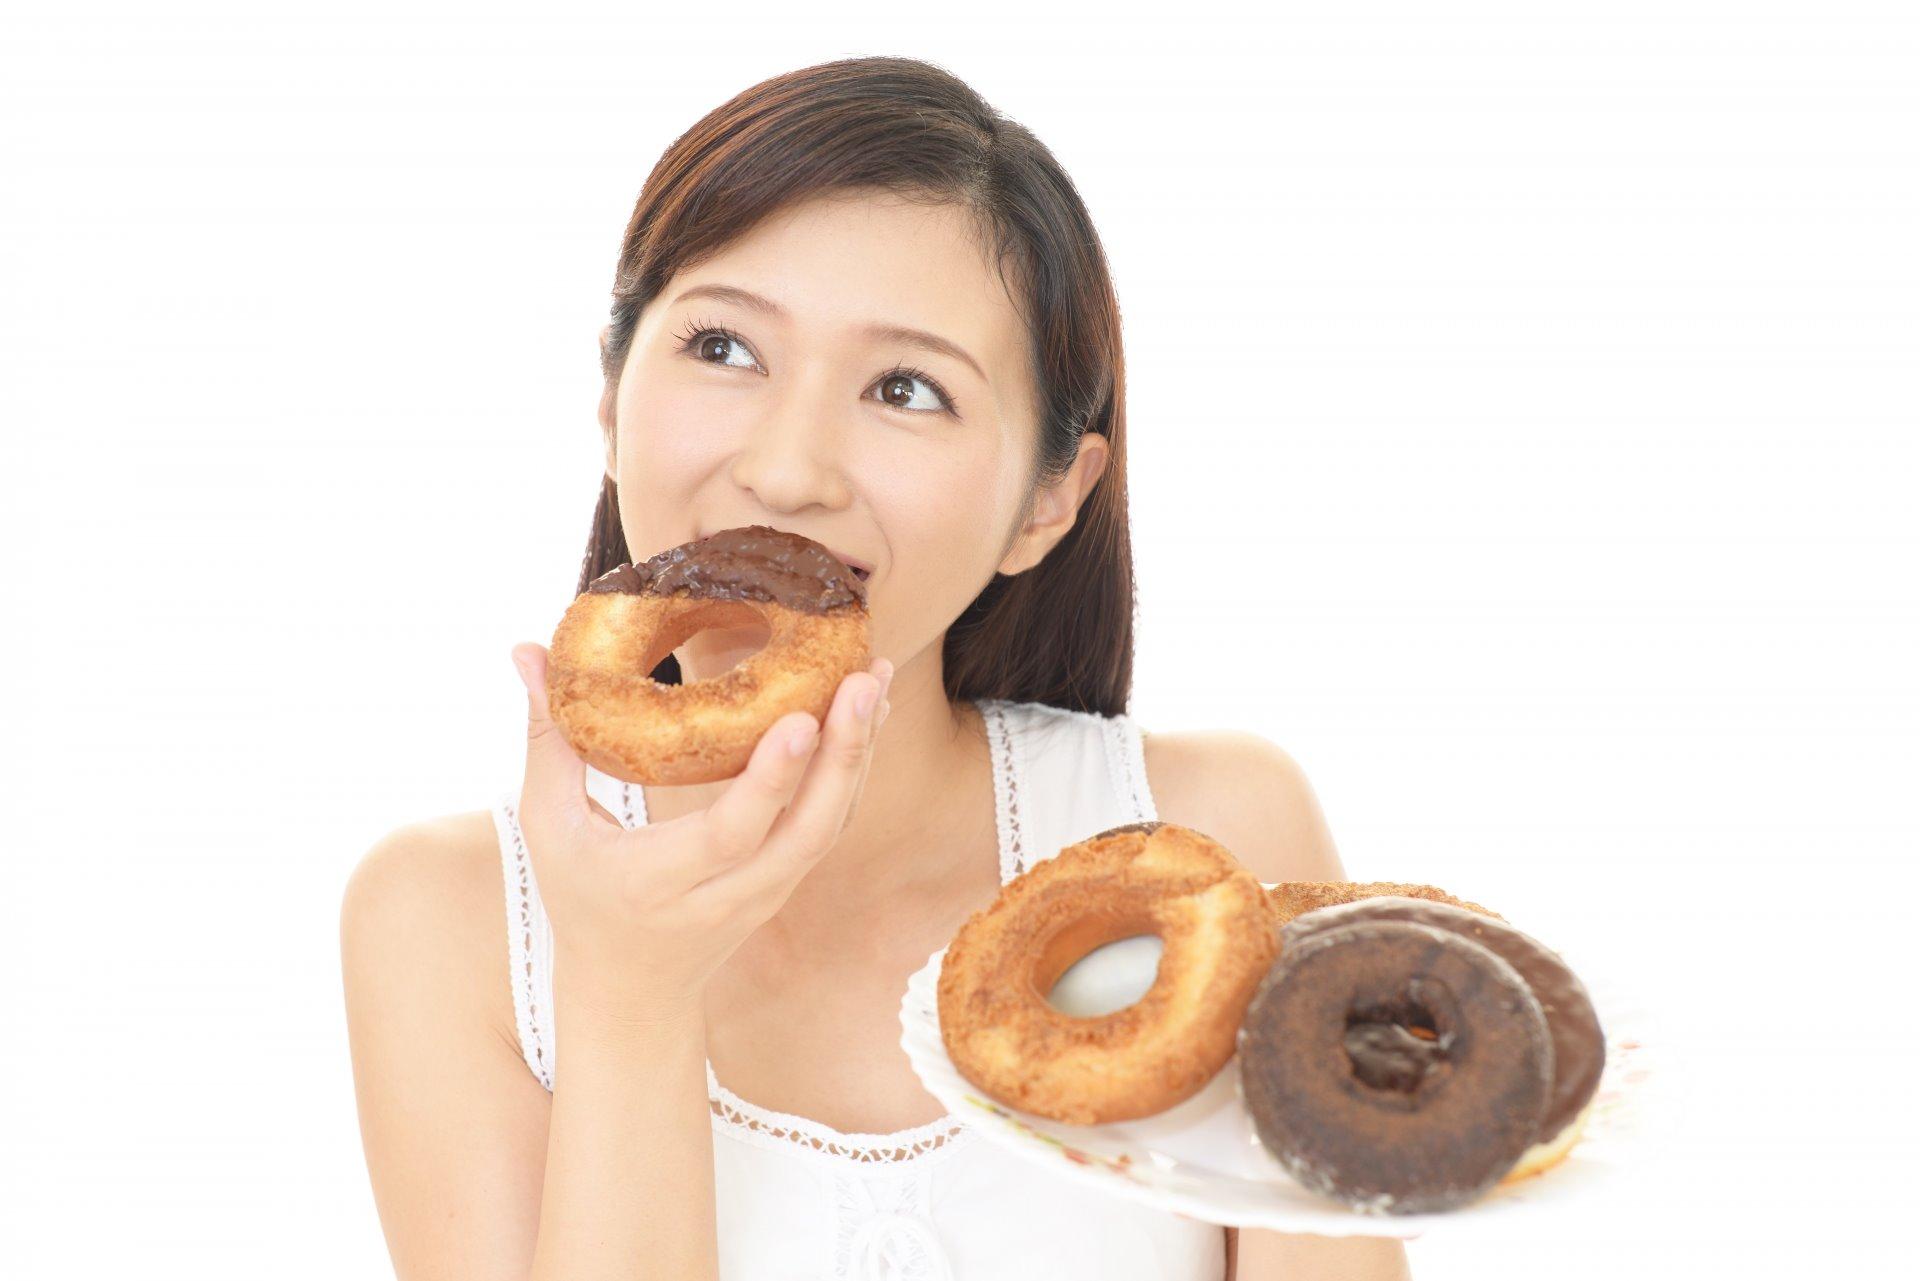 【HDC大阪 くらし向上計画】薬剤師が教える 老けない、病気にならない血糖コントロール術